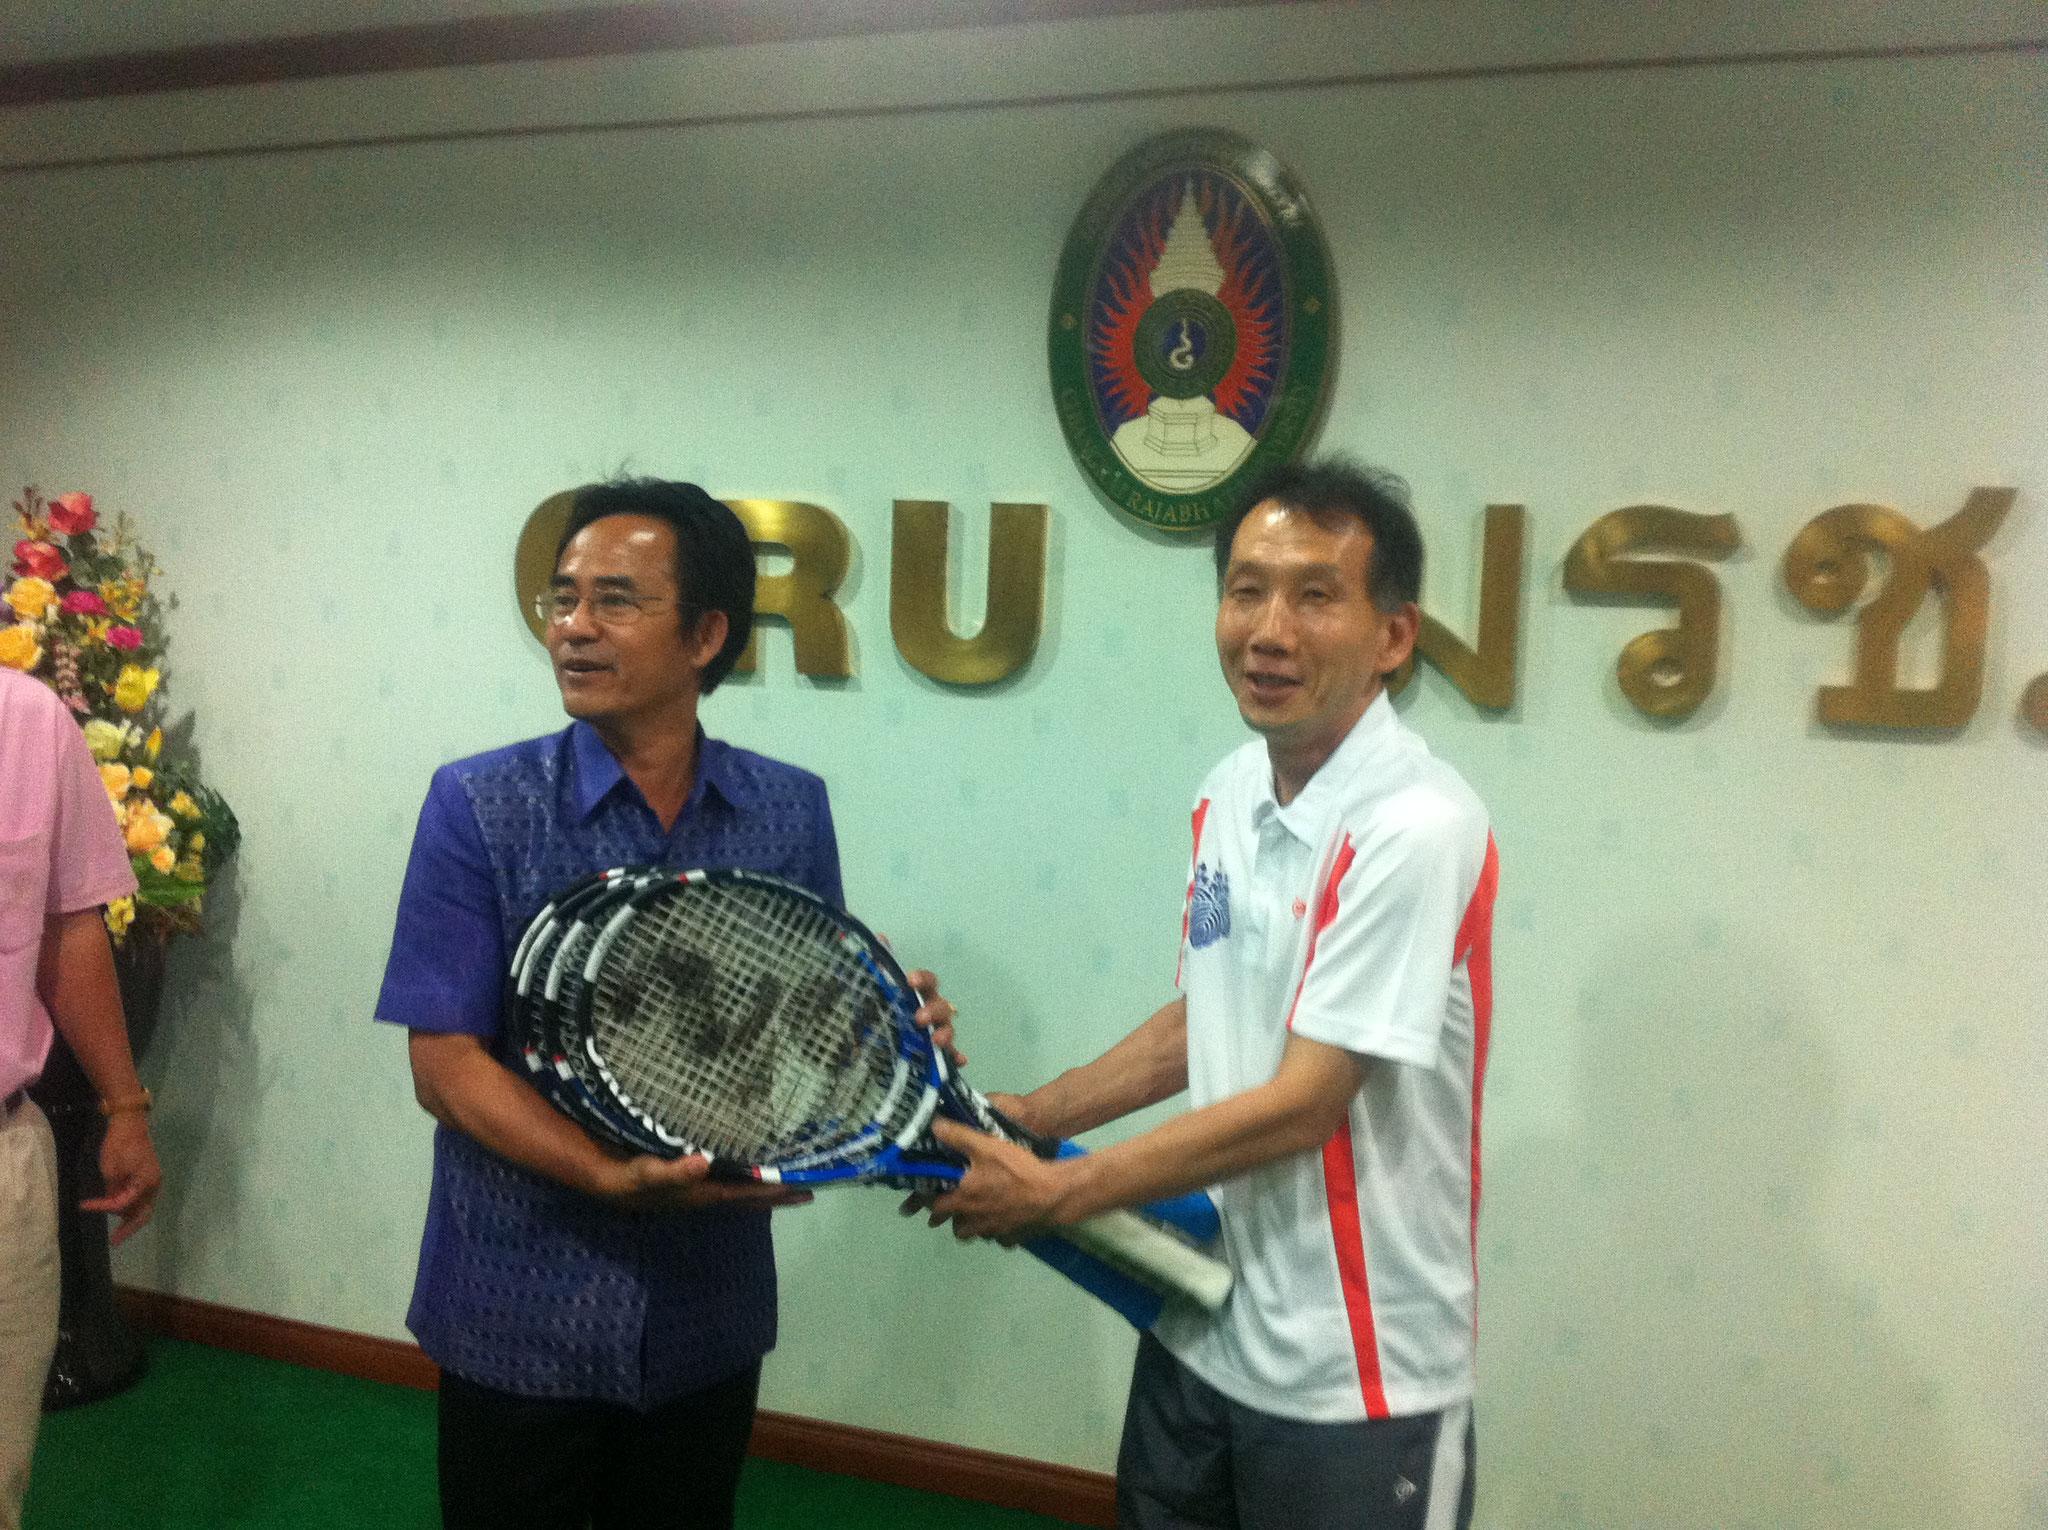 SRIスポーツよりいただいた中古ラケットを寄贈する山田先生